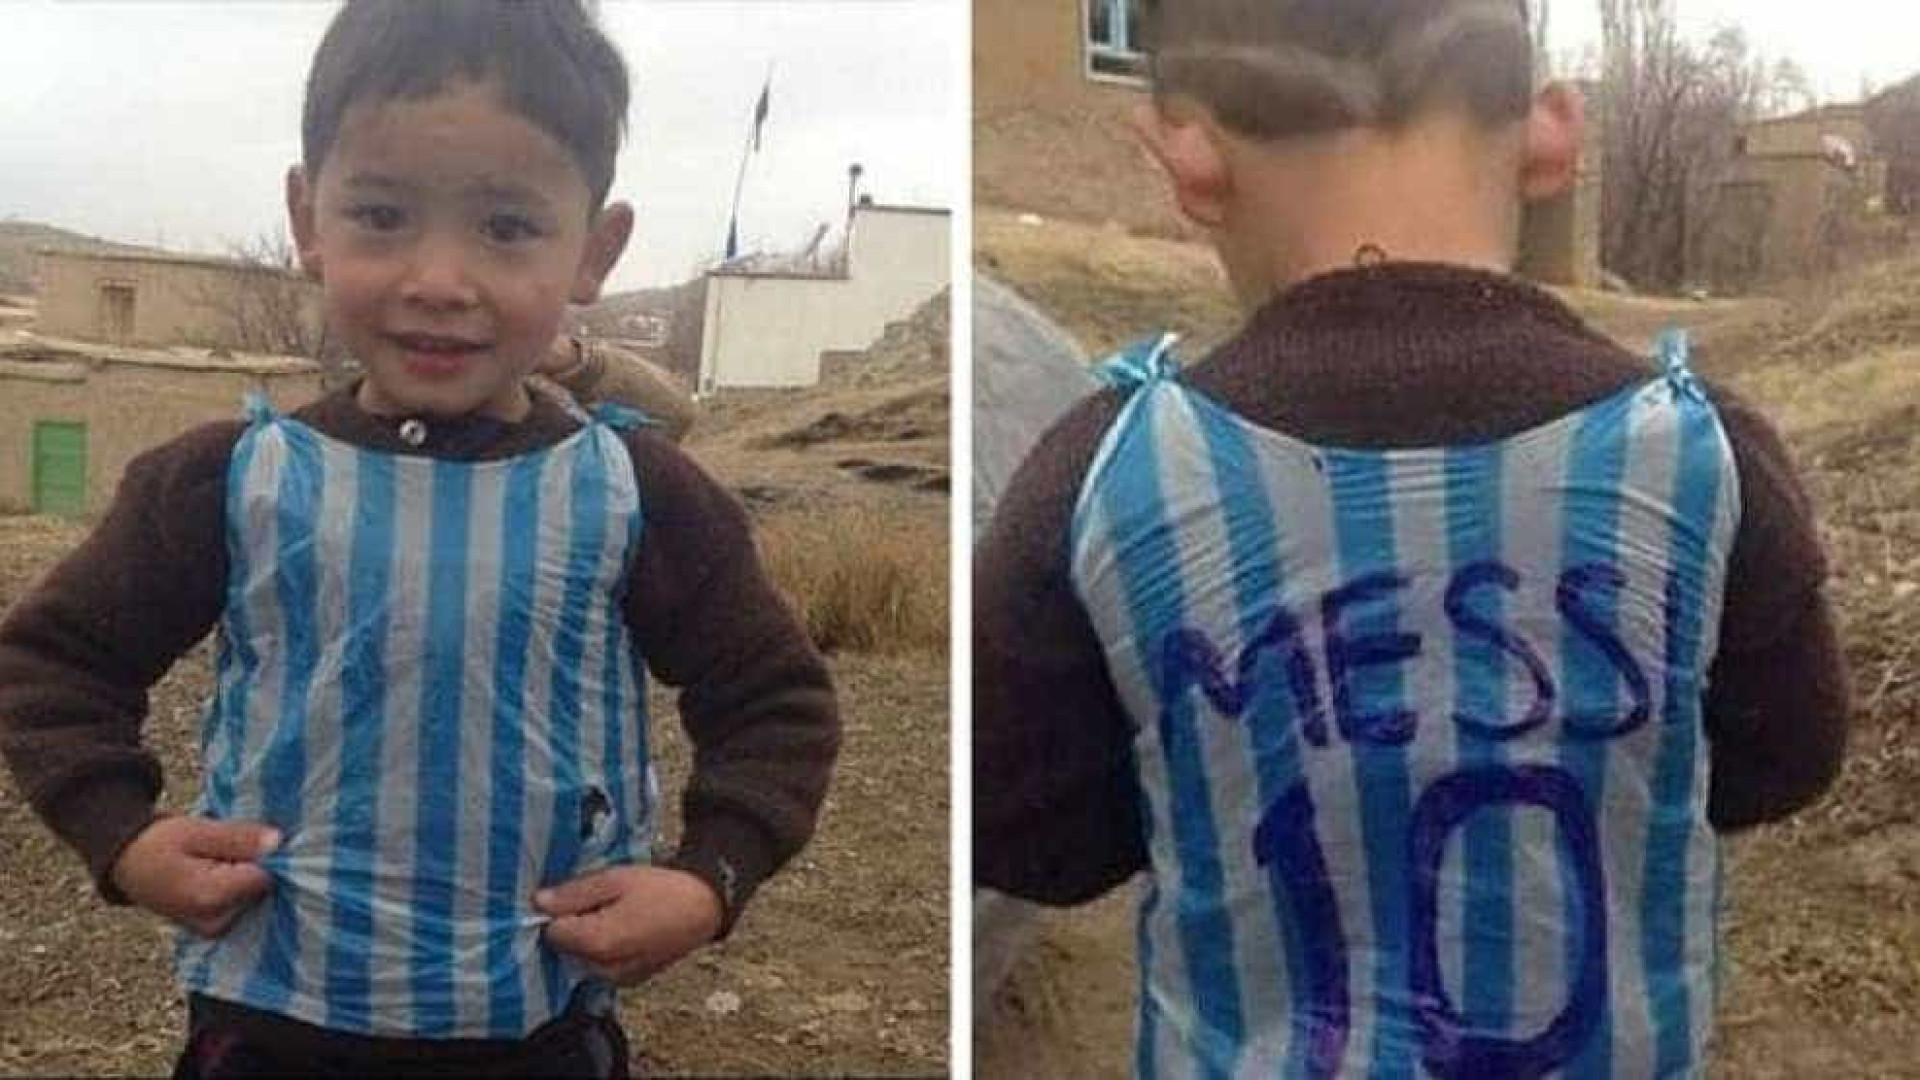 Menino que fez camisa de Messi com saco plástico é encontrado